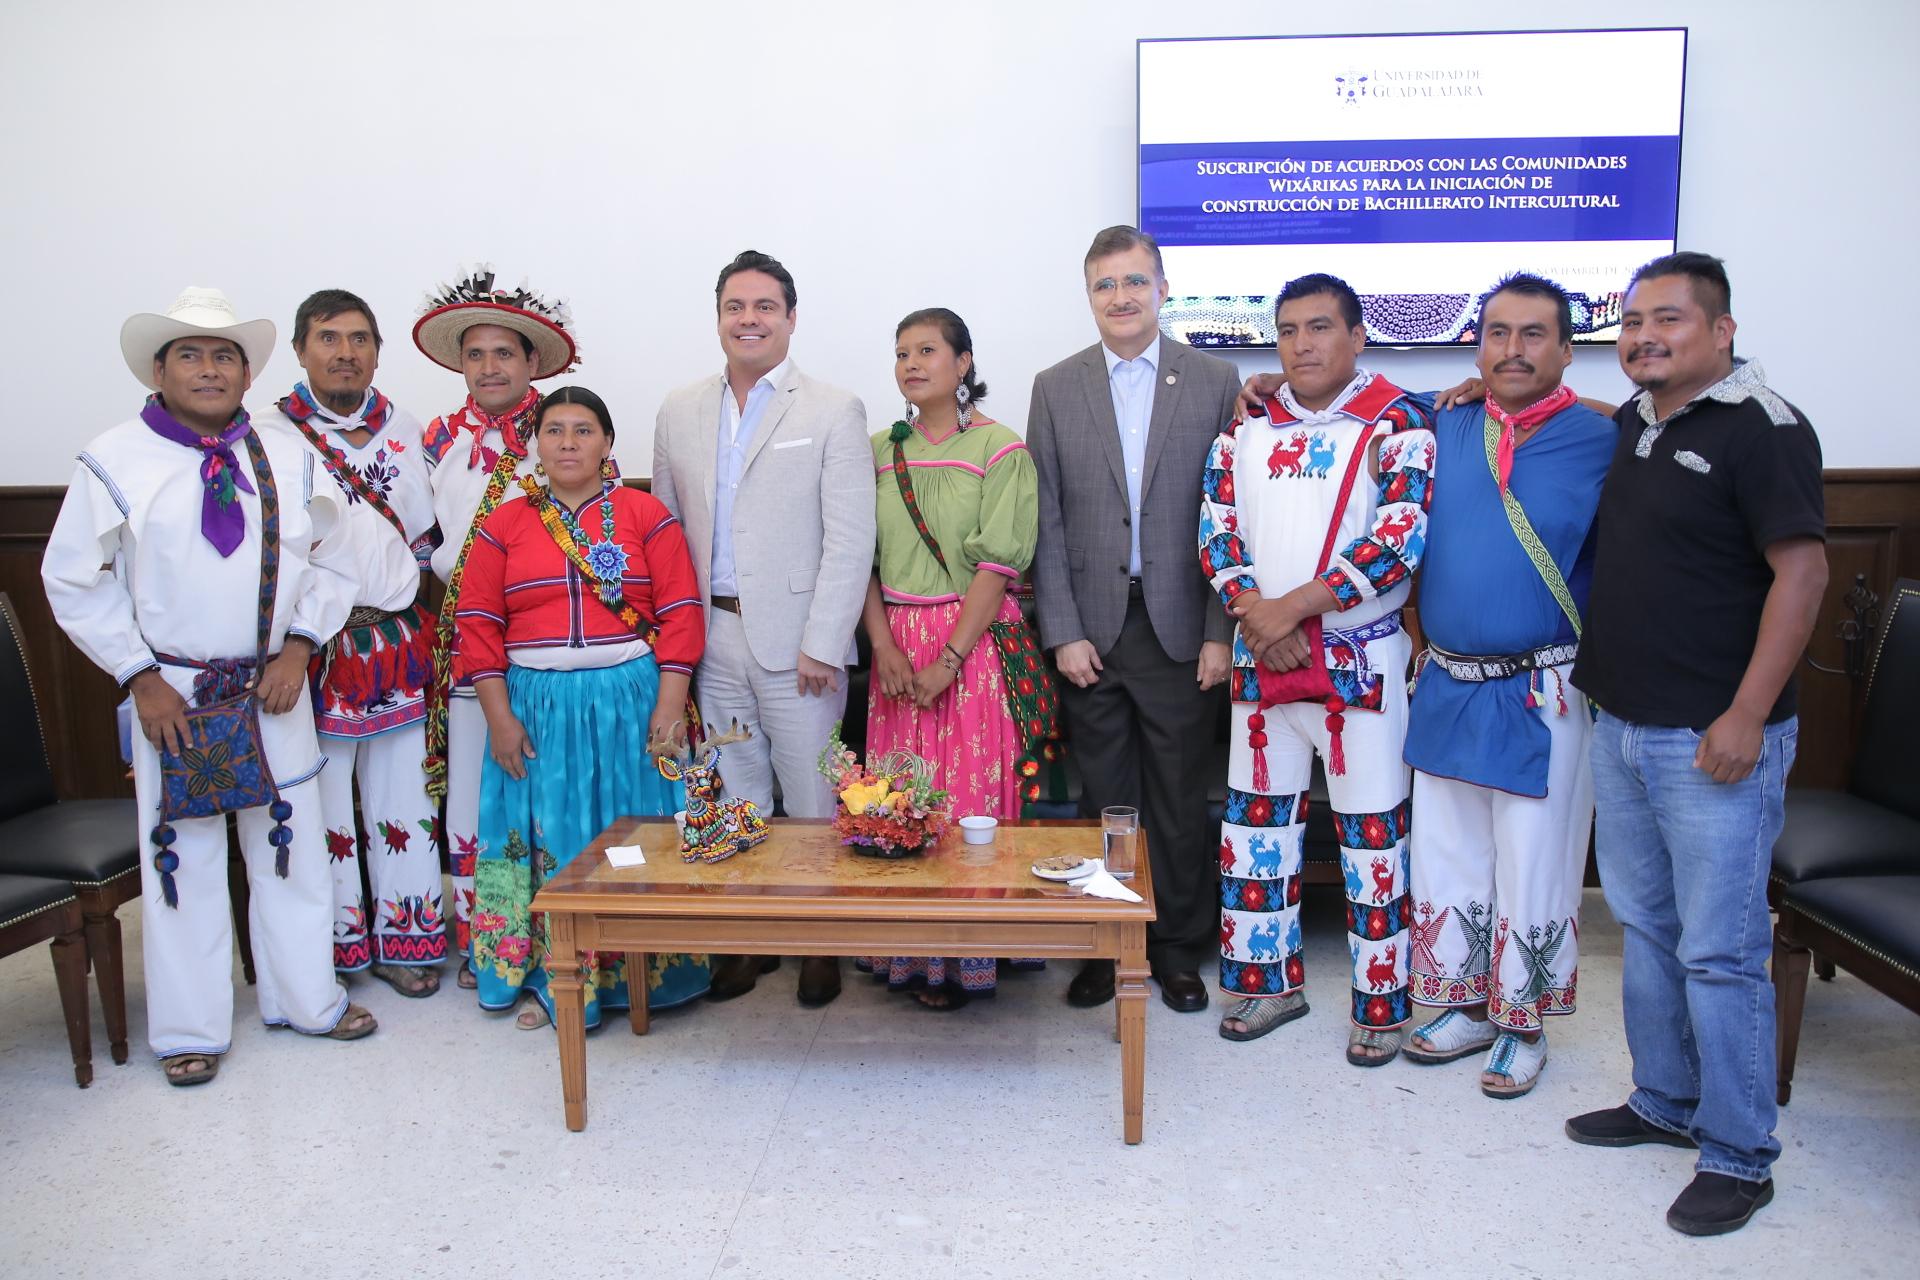 firma acuerdo entre la comunidad wixaritari y la universidad de guadalajara (2)